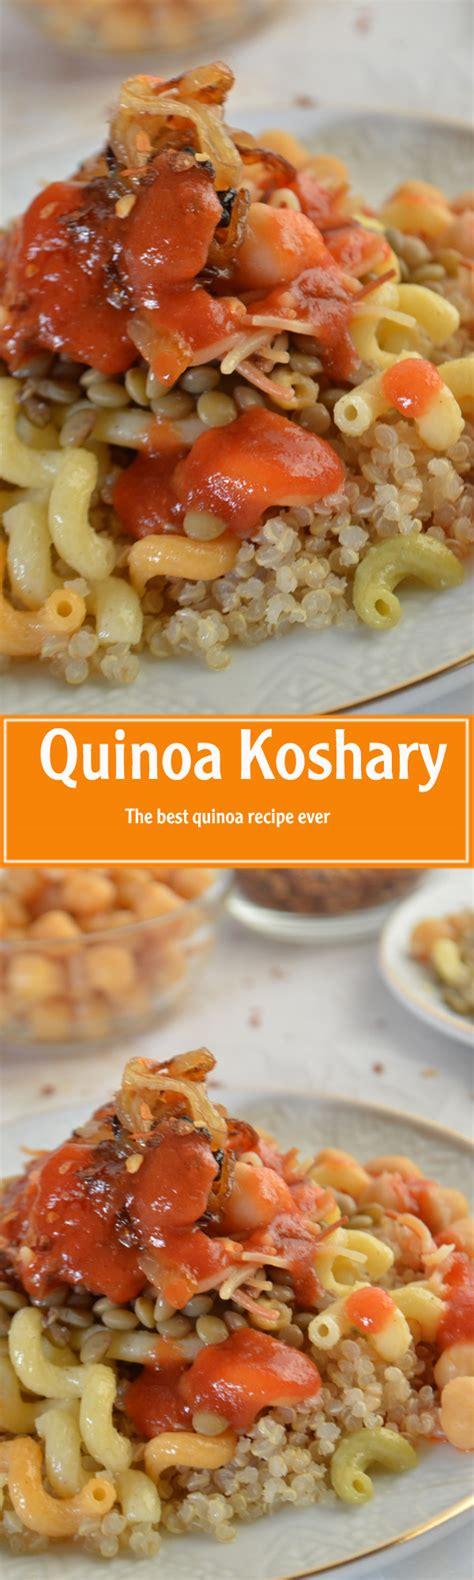 best quinoa recipes quinoa koshary best quinoa recipe nile to rockies cuisine